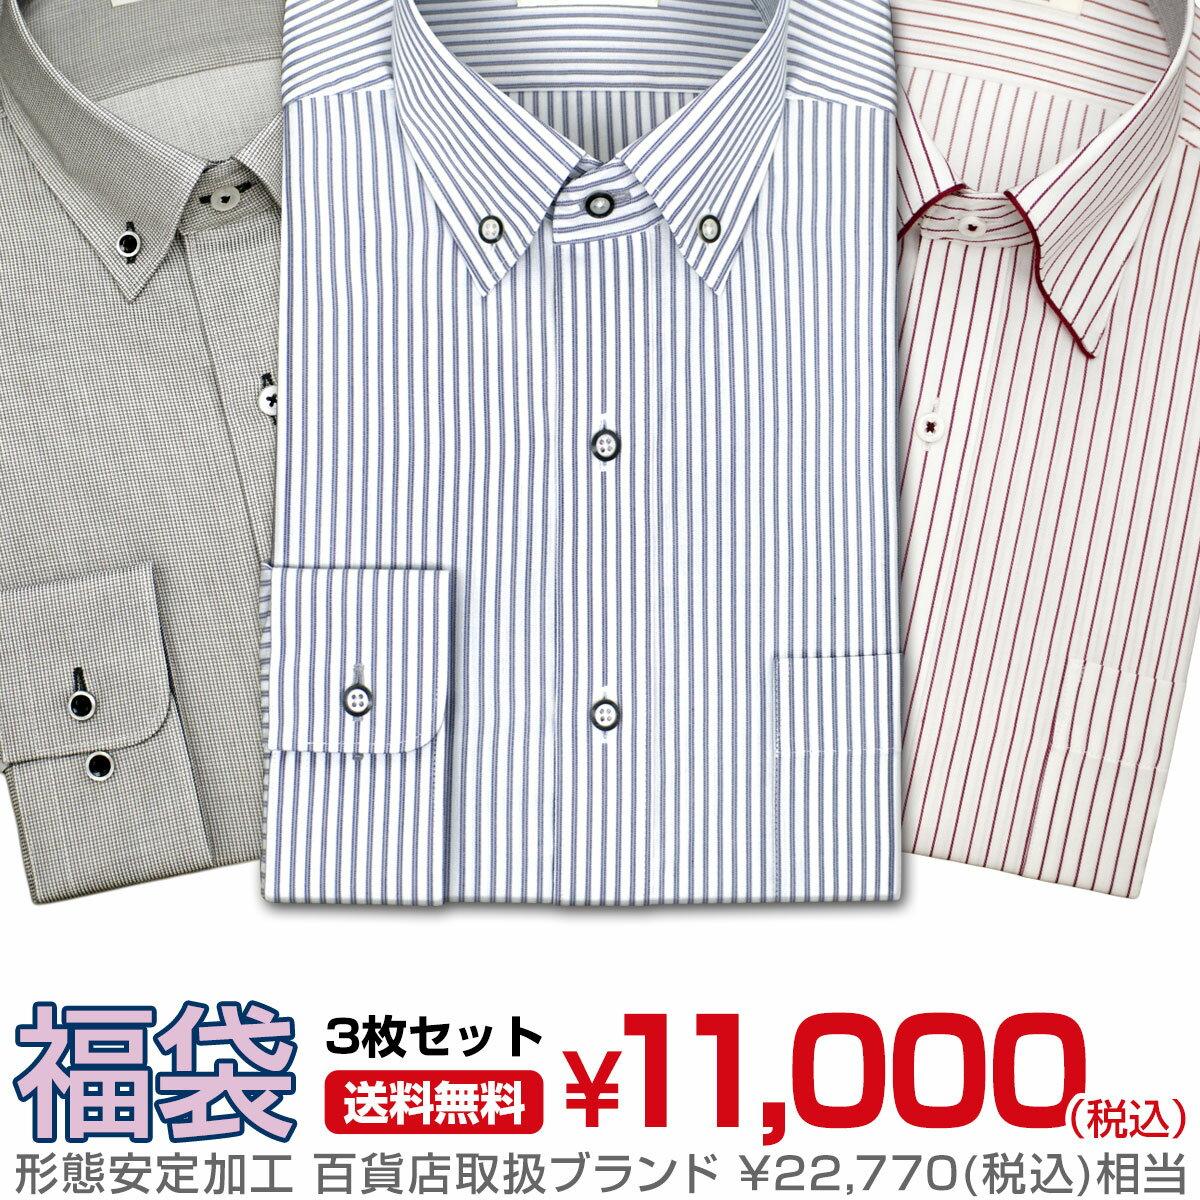 ブランドシャツ3枚入り福袋 長袖ワイシャツ メンズ 春夏秋冬 形態安定 百貨店ブランド ドレスシャツ 3枚セット   高級 上質 (cmd998-000)(sa1)